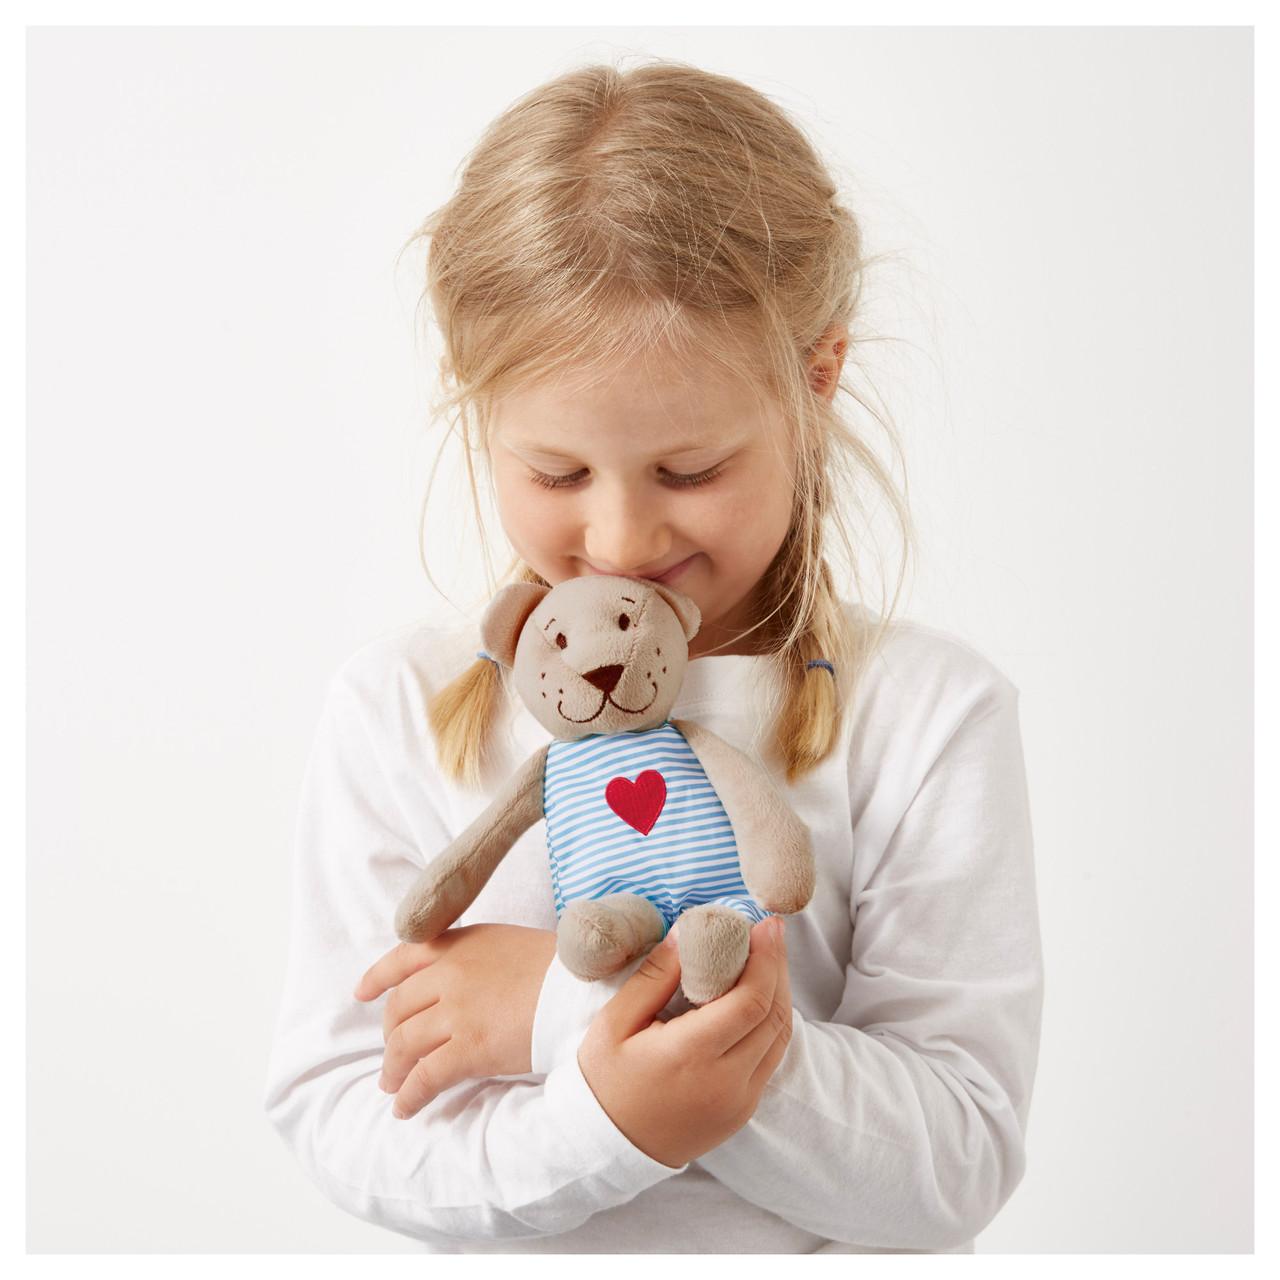 ФАБЛЕР БЬЁРН Мягкая игрушка, мишка, бежевый, 21 см, 00141401, ИКЕА, IKEA, FABLER BJÖRN